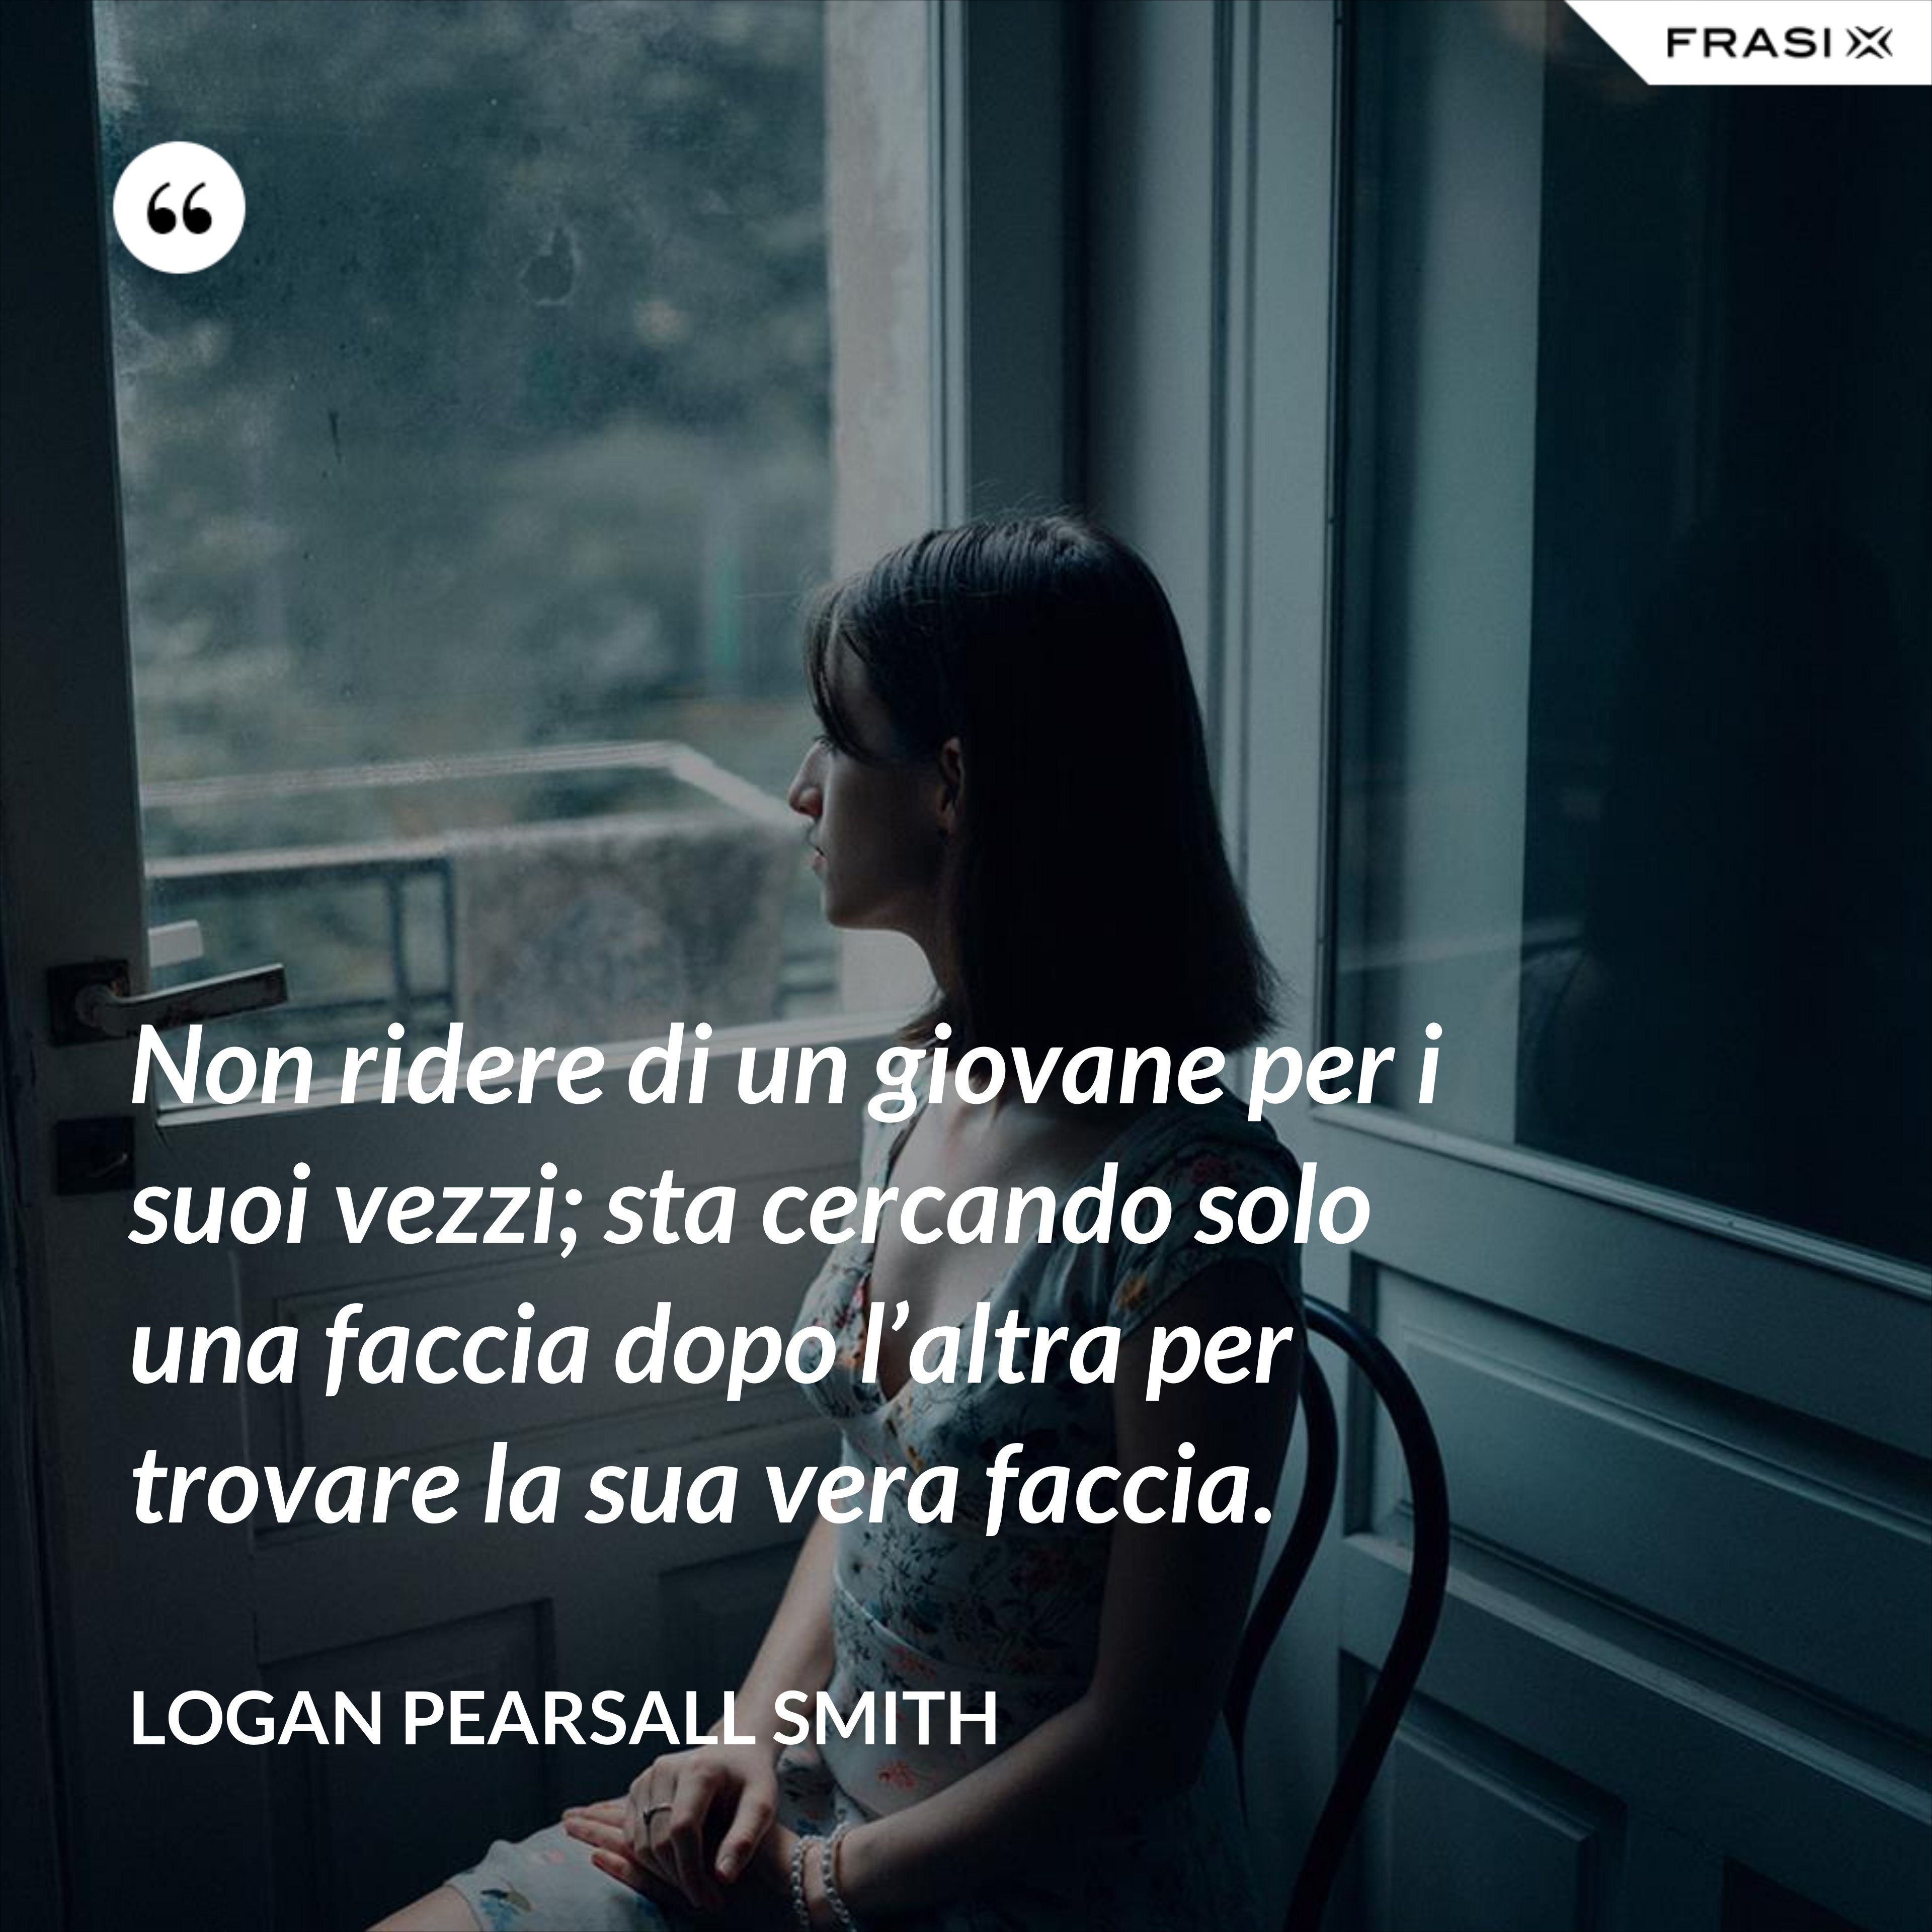 Non ridere di un giovane per i suoi vezzi; sta cercando solo una faccia dopo l'altra per trovare la sua vera faccia. - Logan Pearsall Smith